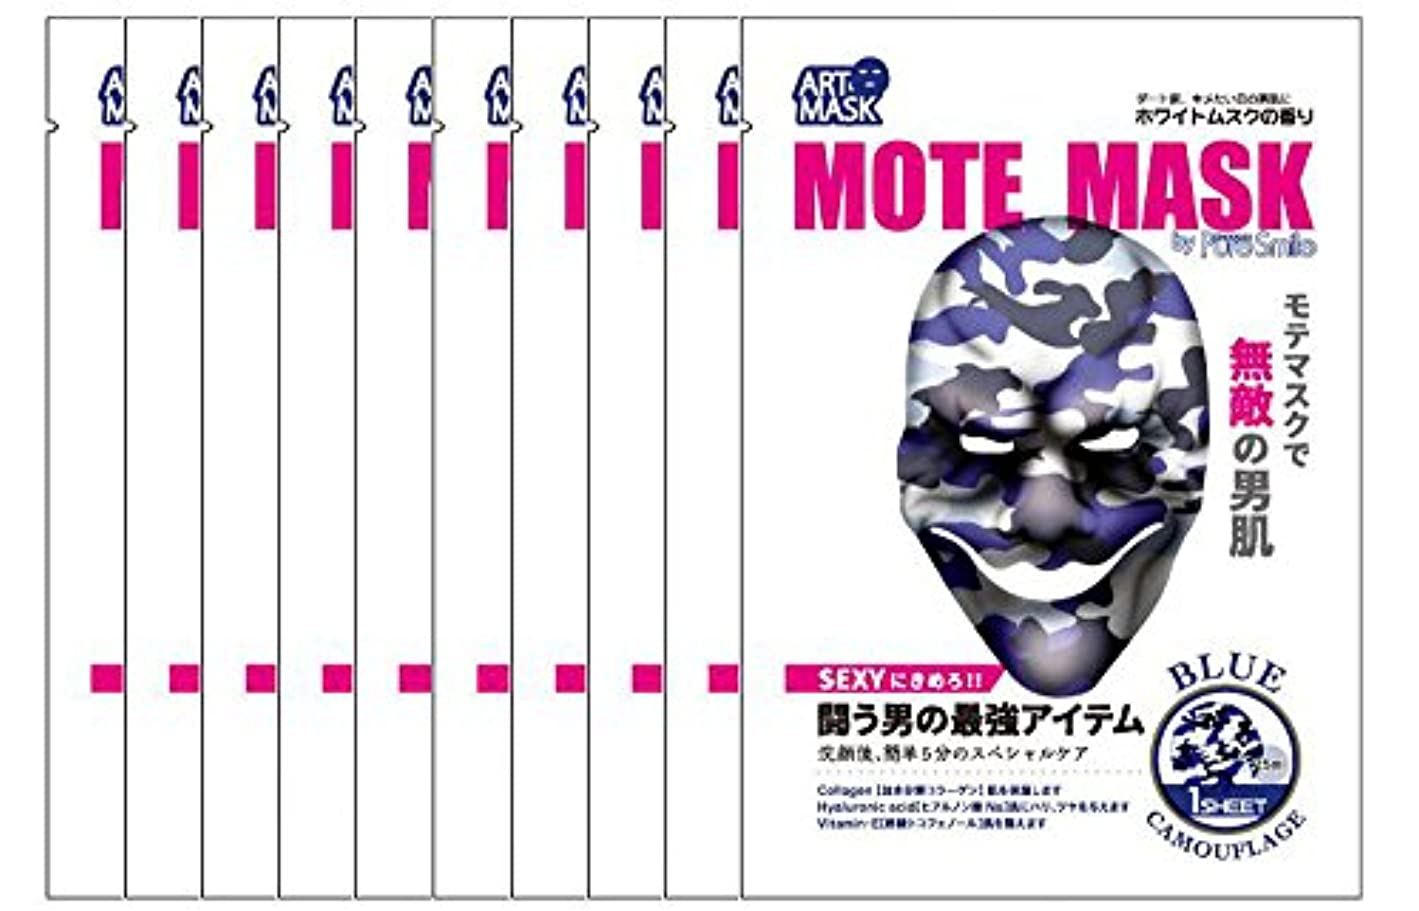 流用する必要ない落ちたピュアスマイル アートマスク モテマスク MA-02 ホワイトムスクの香り 1枚入り ×10セット